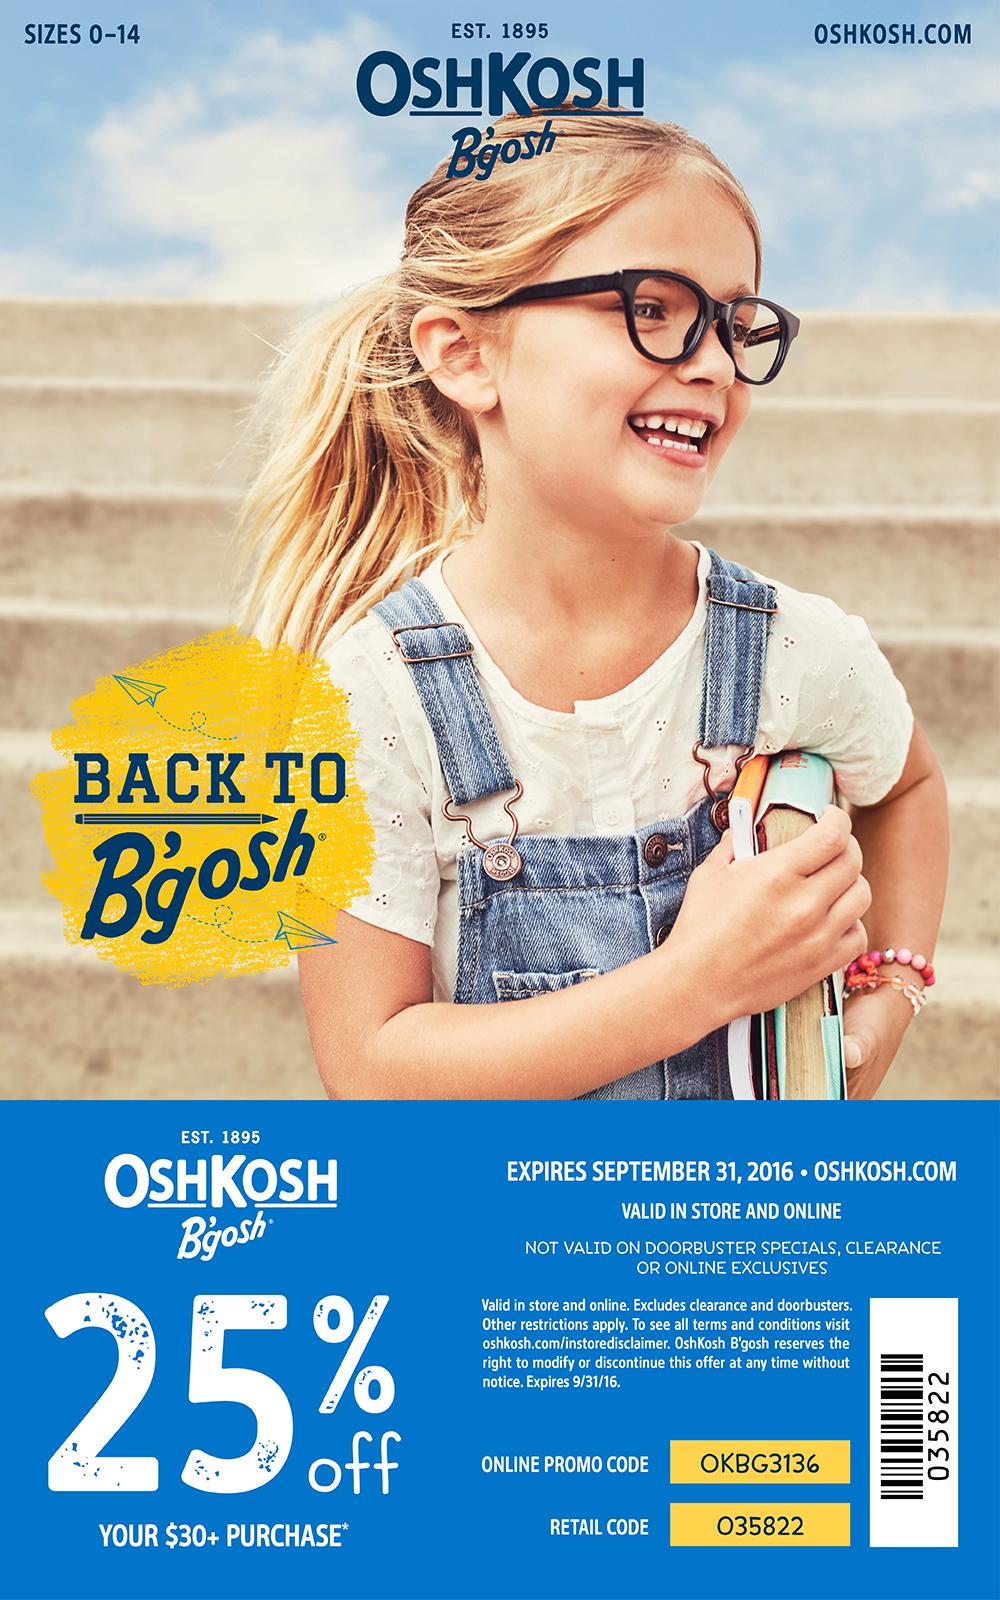 OshKosh B'gosh-spring break-packing tips, kids fashion- OshKosh- kids style